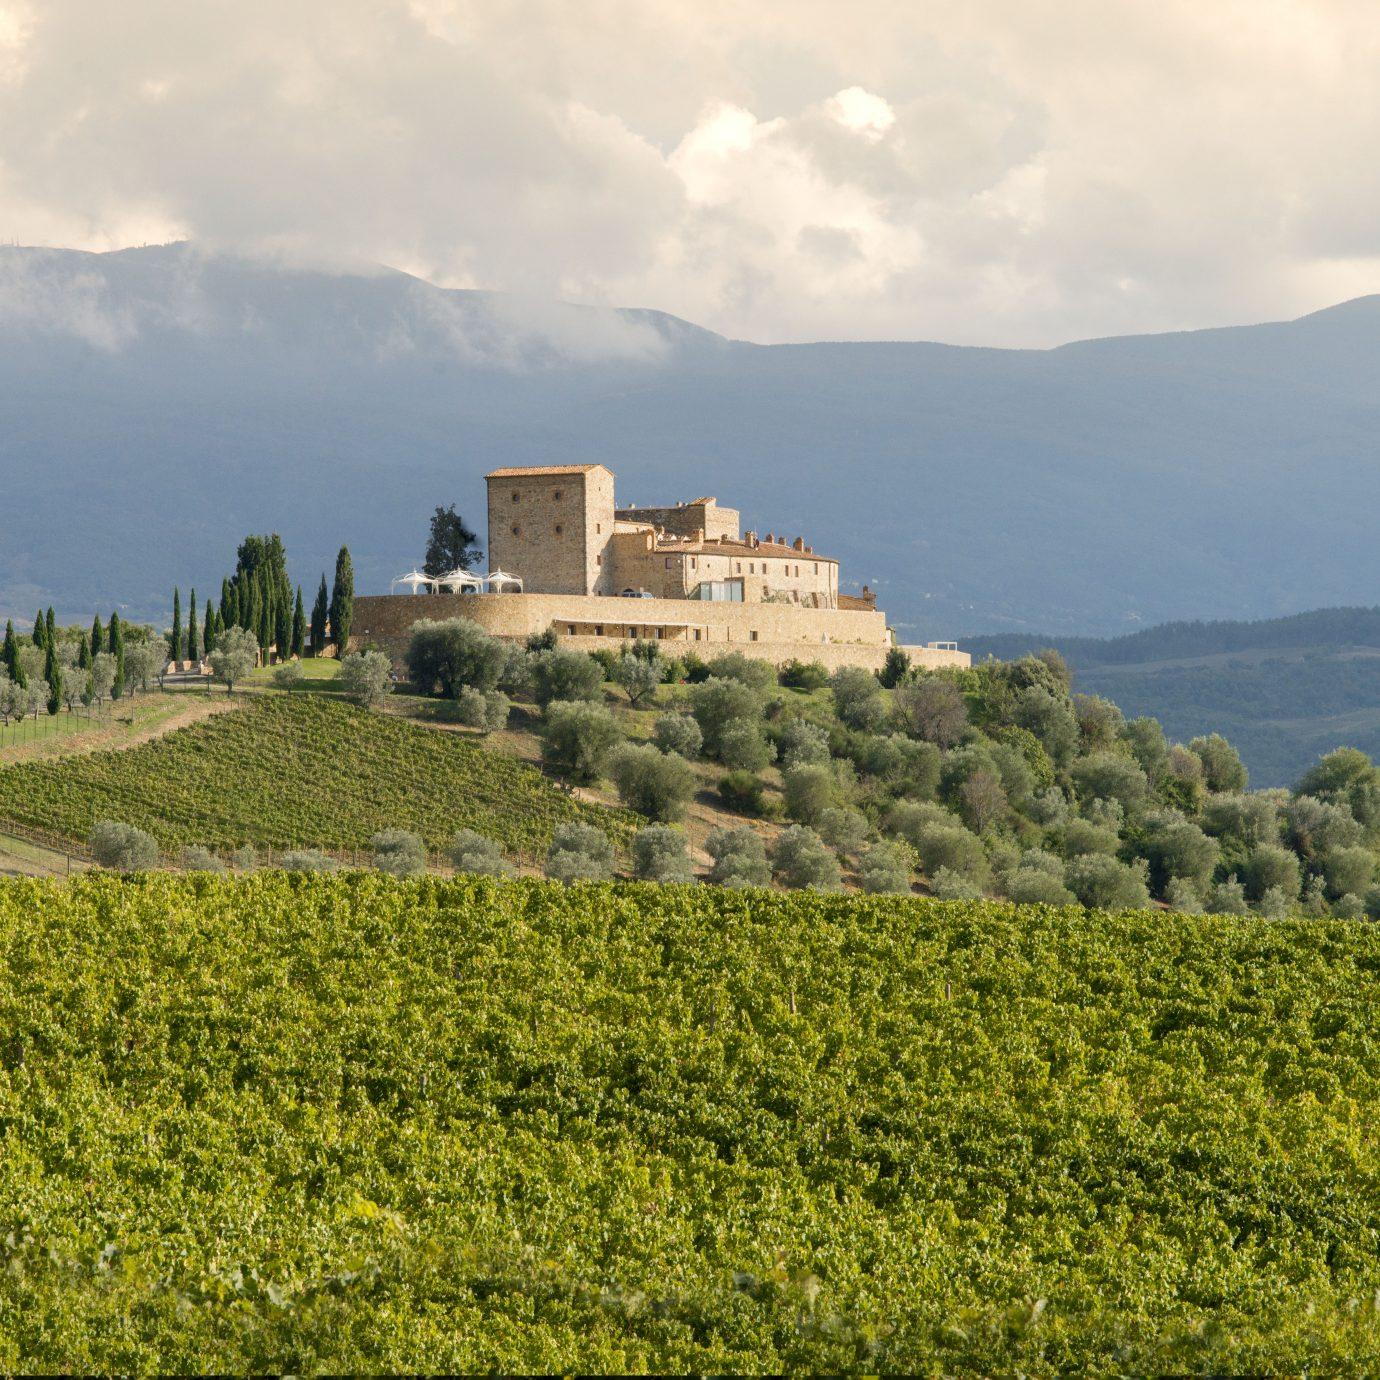 Aerial view of Castello di Velona